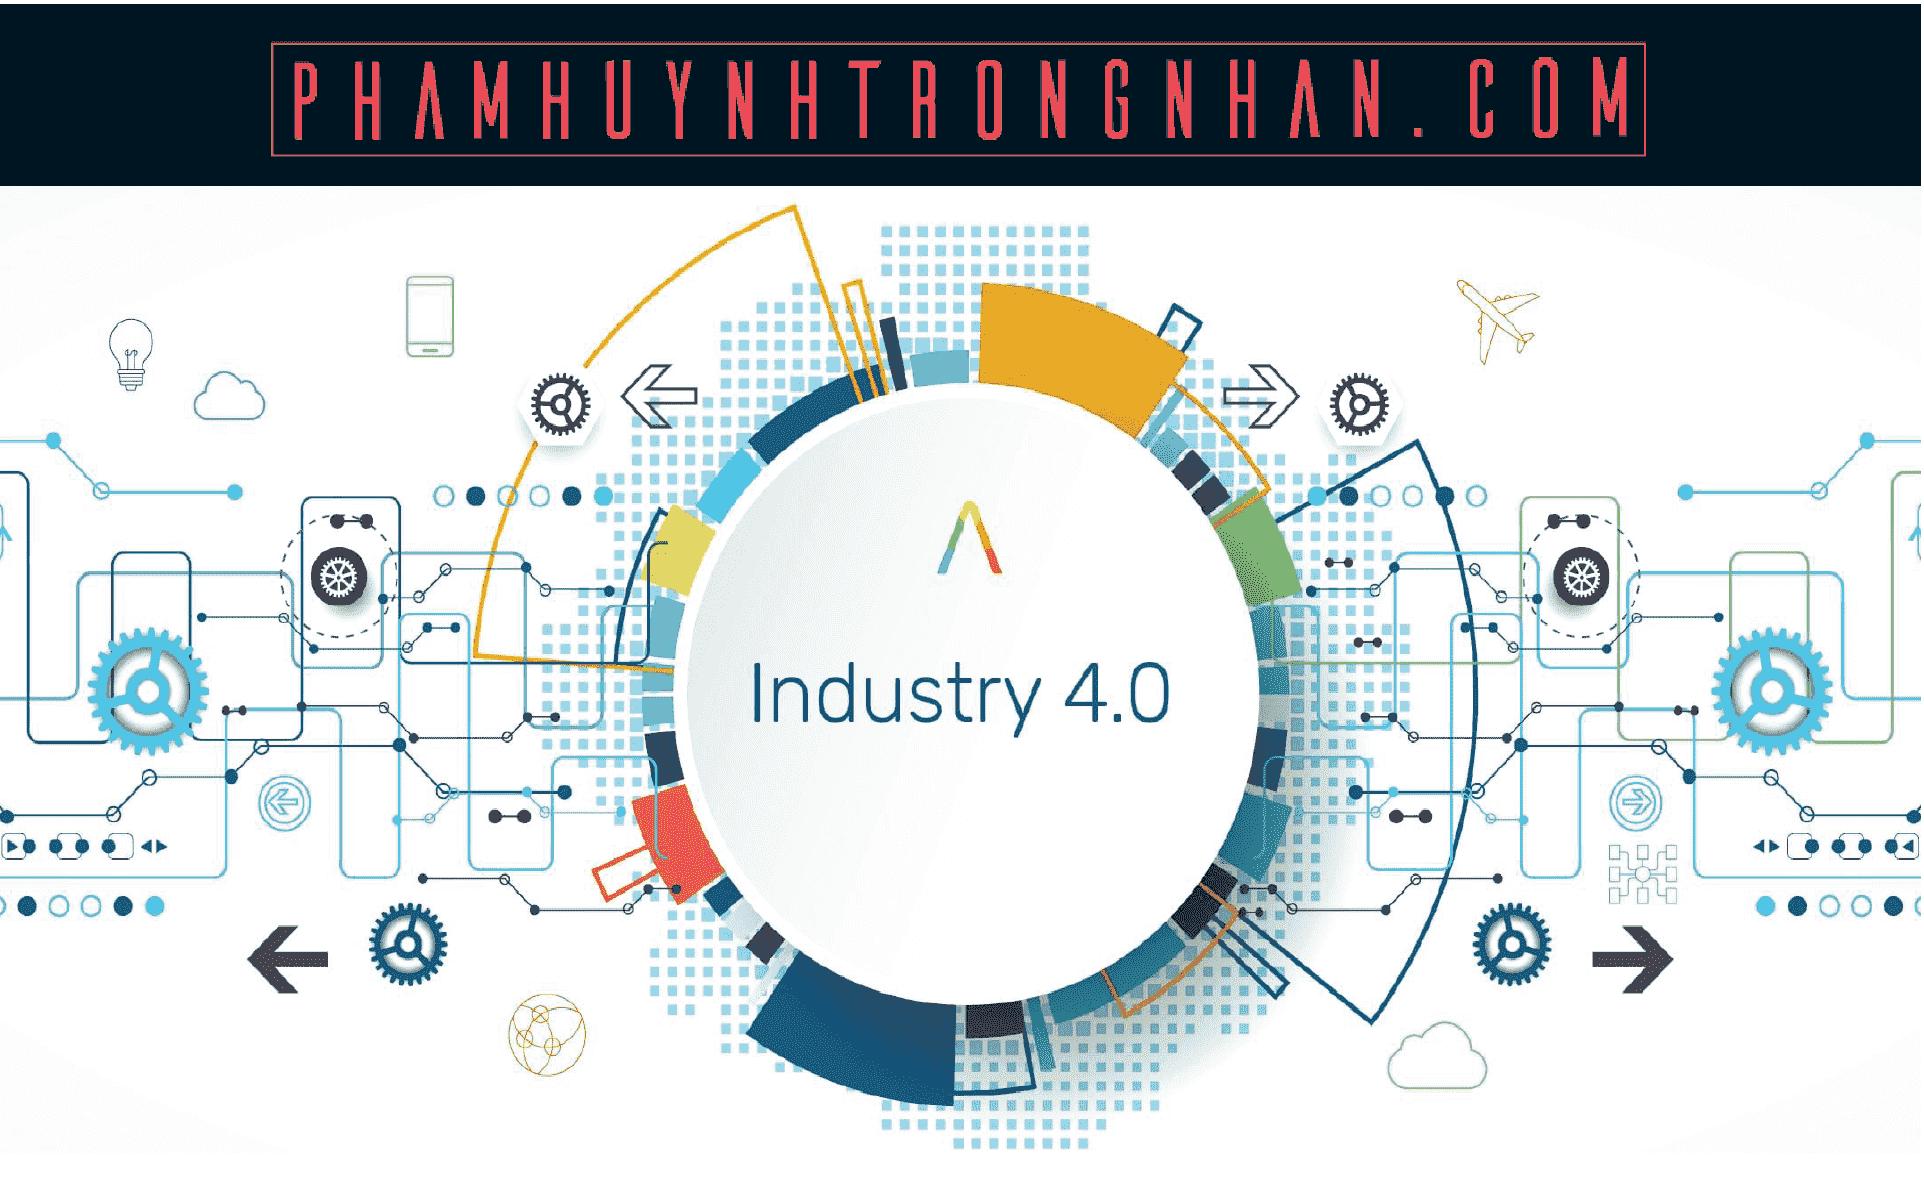 Công nghệ 4.0 nghĩa là gì - Ví dụ gồm những gì và nó thay đổi thế giới ra sao